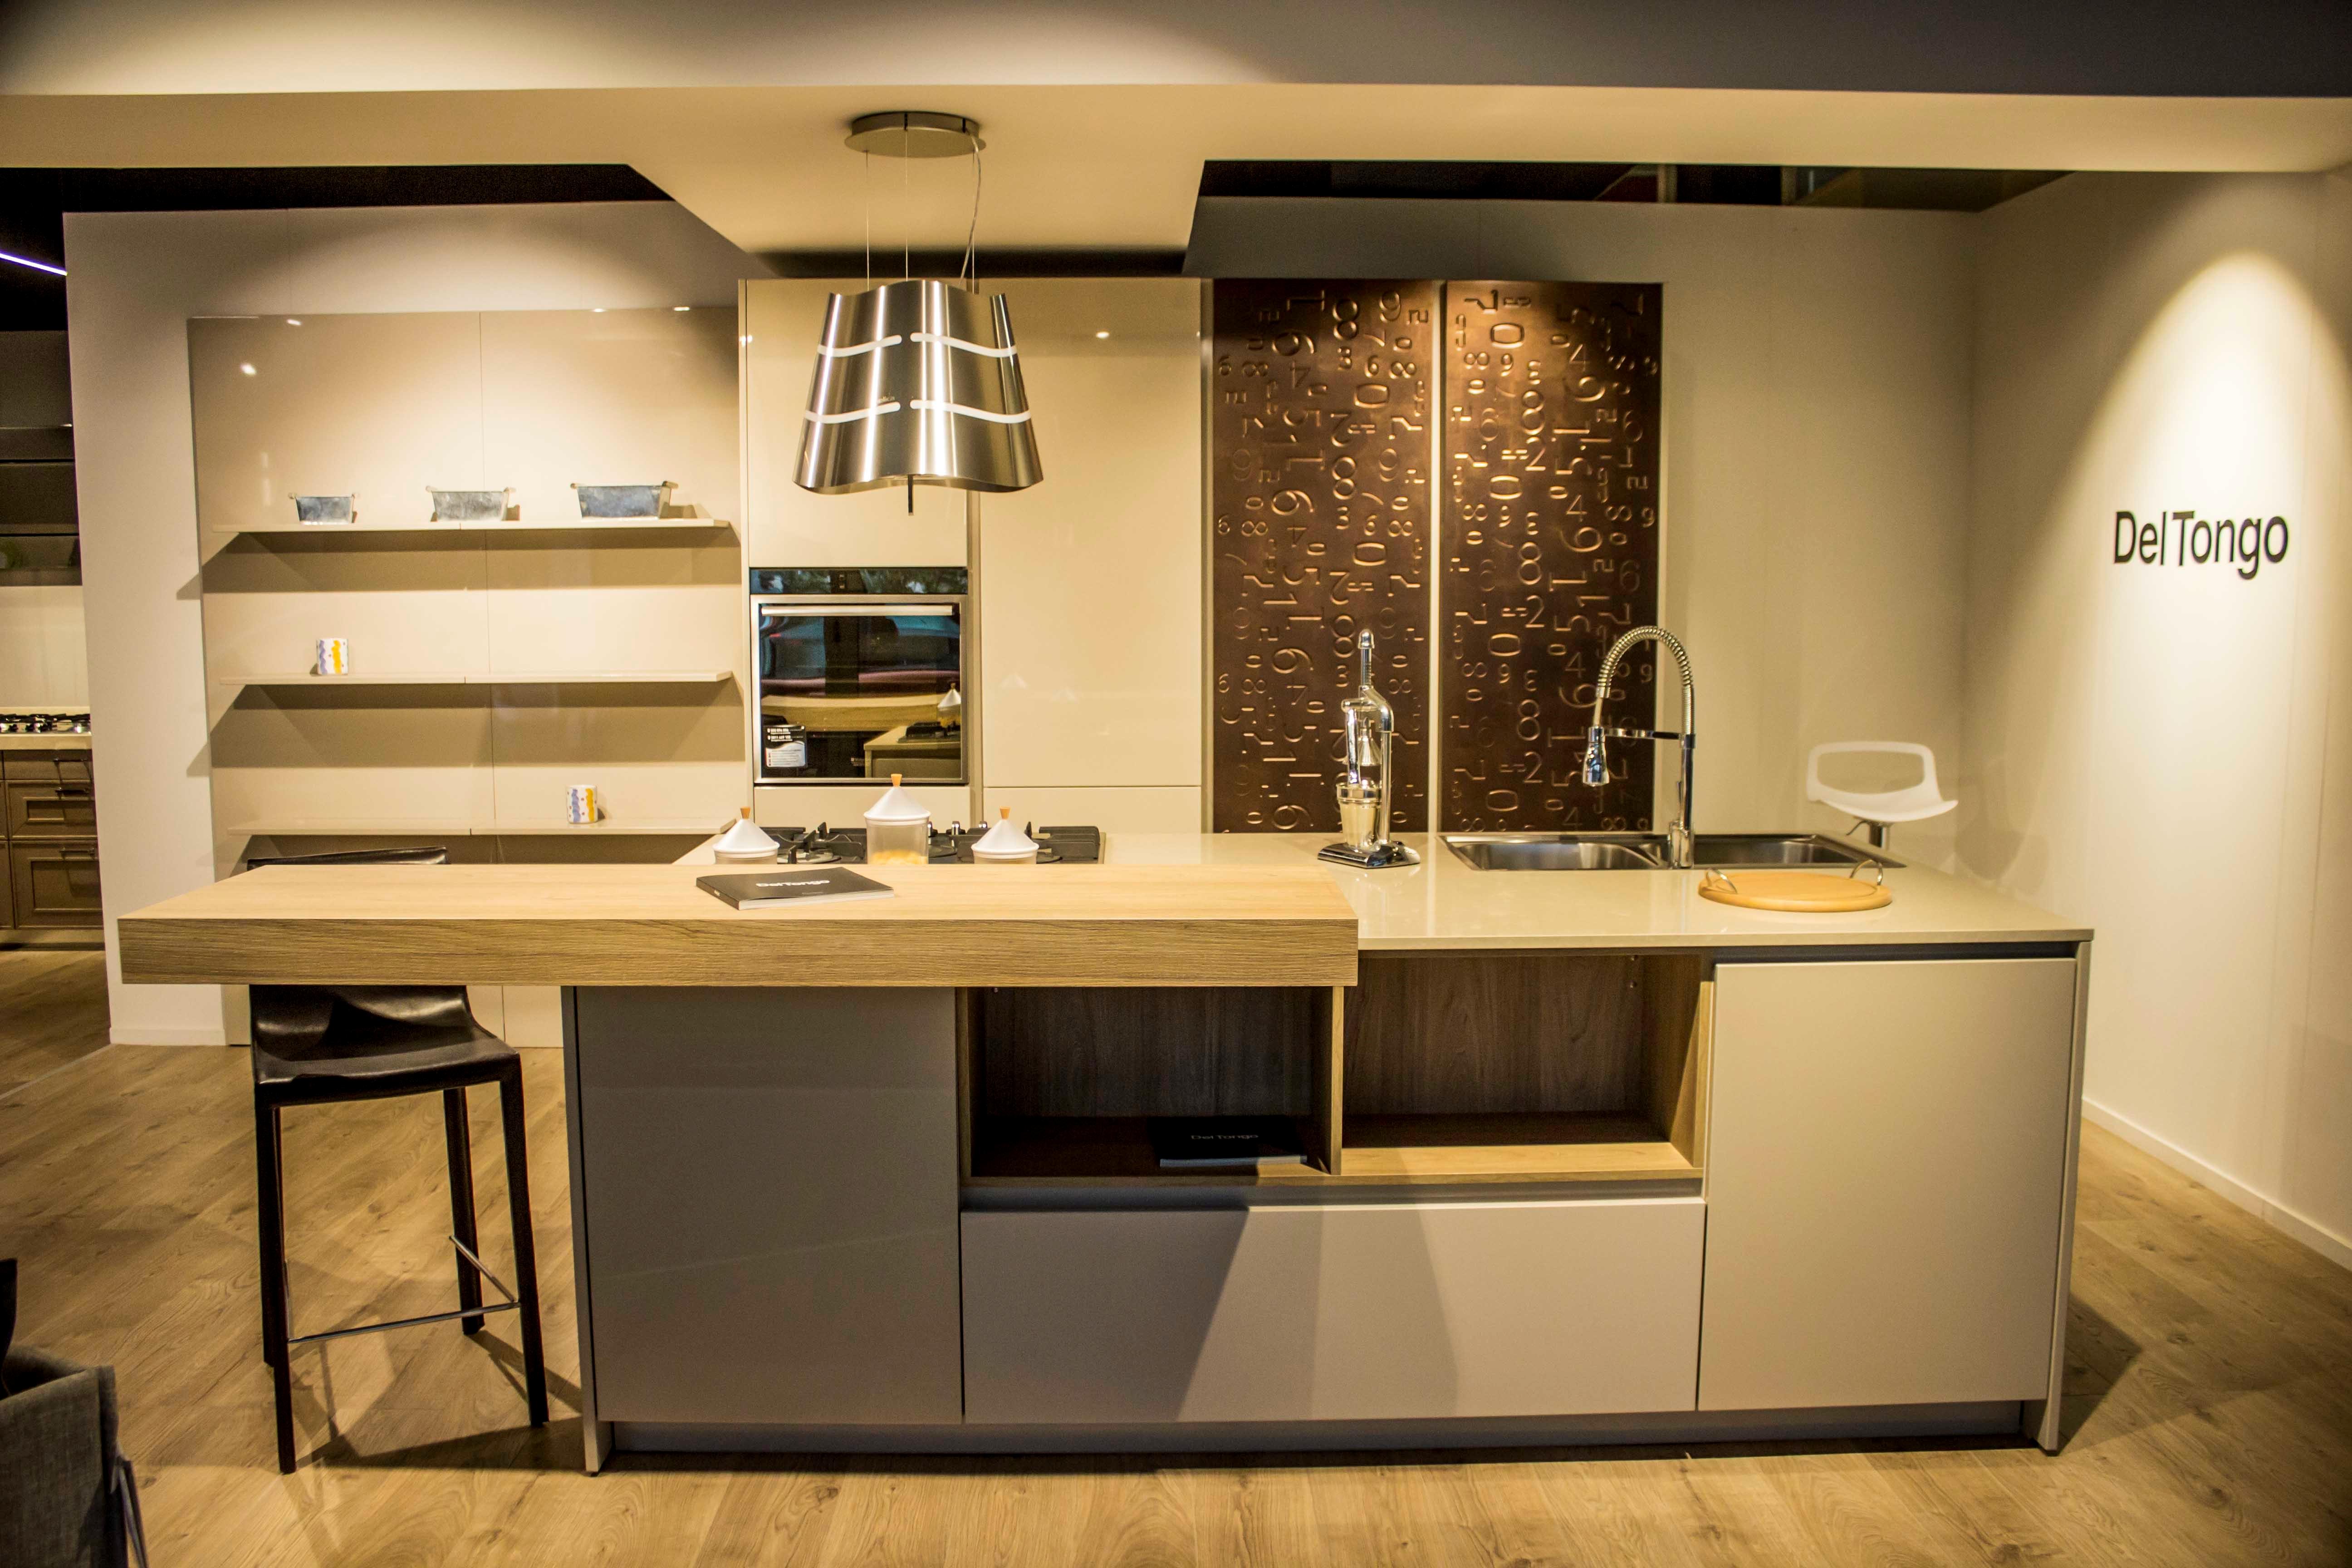 Gallery of cucina del tongo creta scontata del 55 cucine a prezzi ...